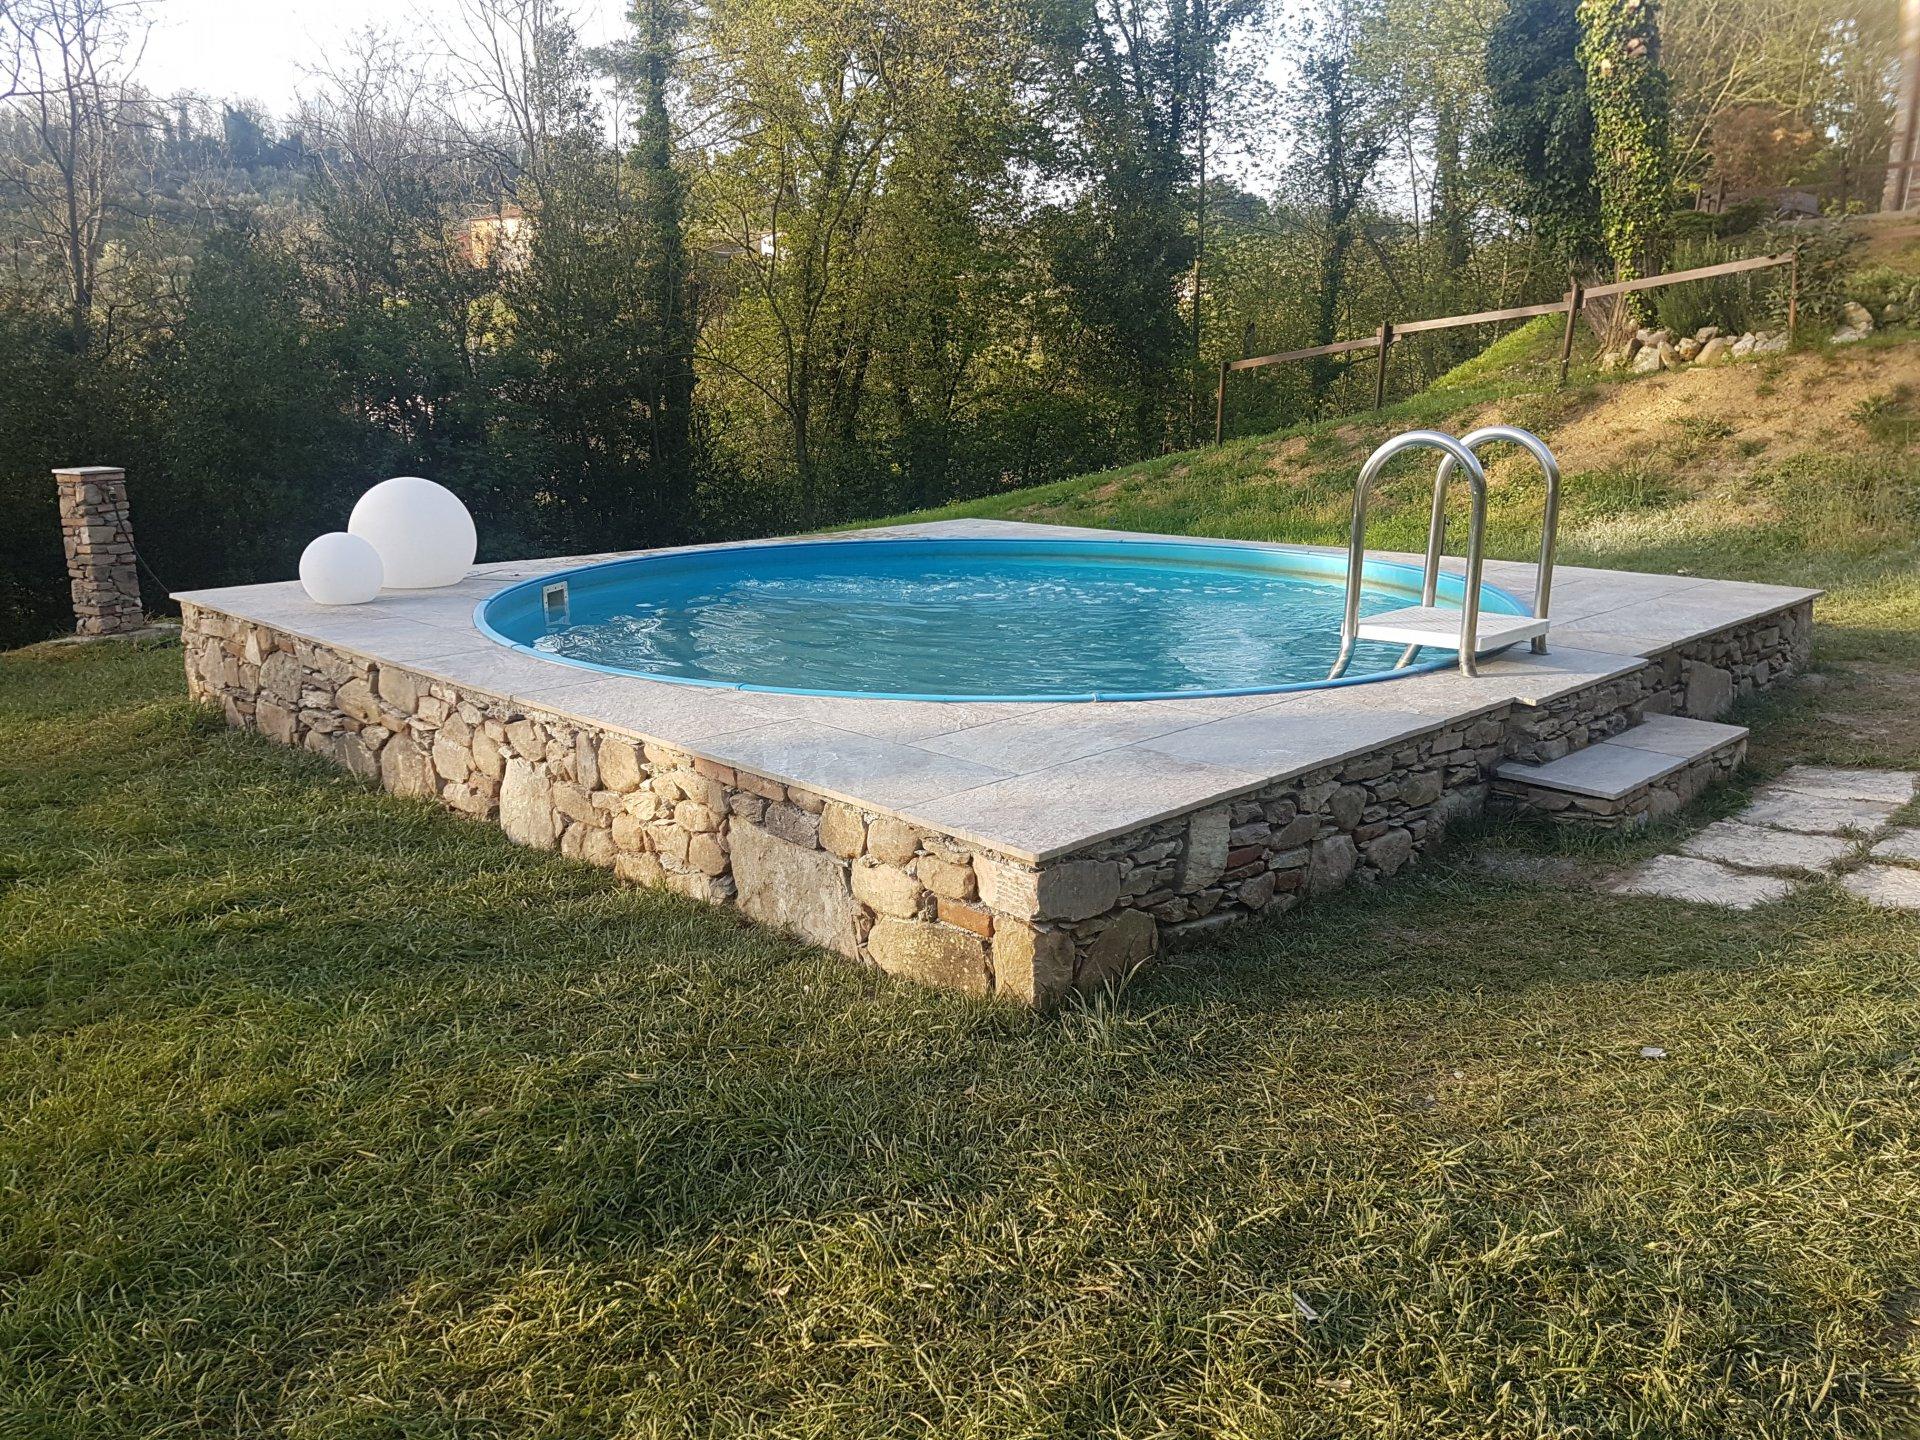 ITALIE, TOSCANE, GÎTE TRES MIGNON AVEC PISCINE, 6 PERSONNES, LUCCA